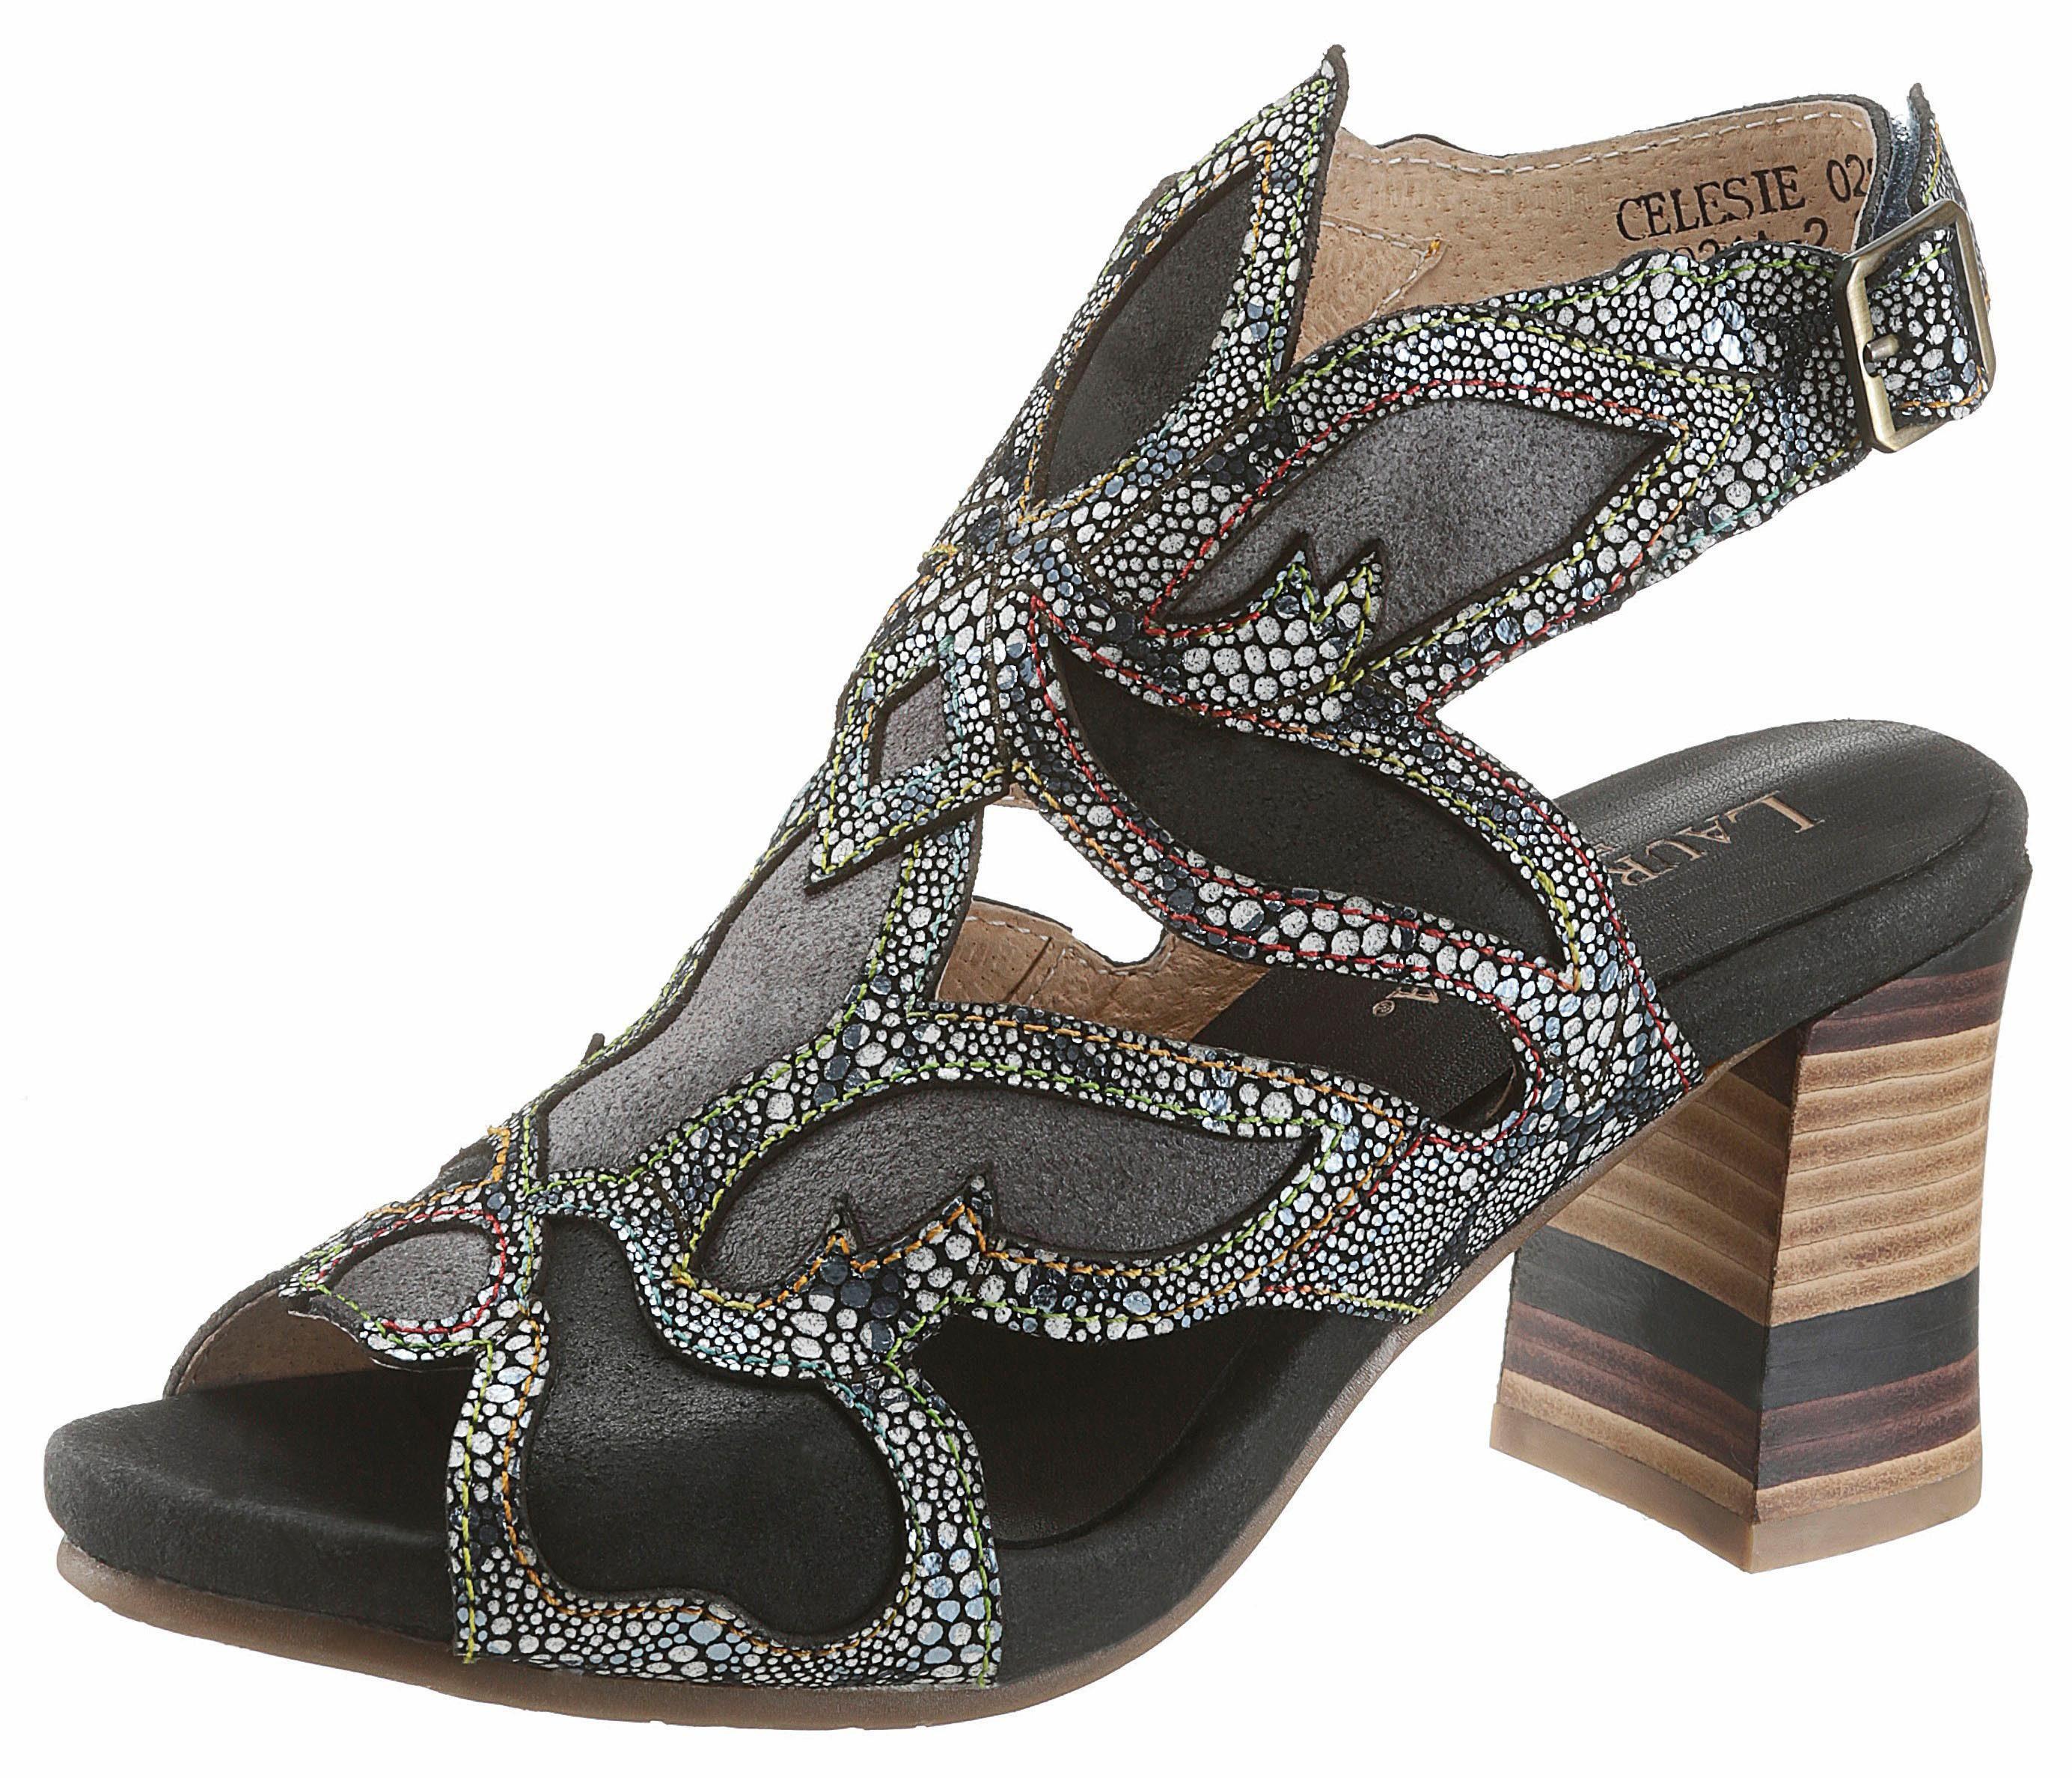 LAURA VITA Celeste Sandalette, im außergewöhnlichen Design online kaufen  schwarz-grau-bunt